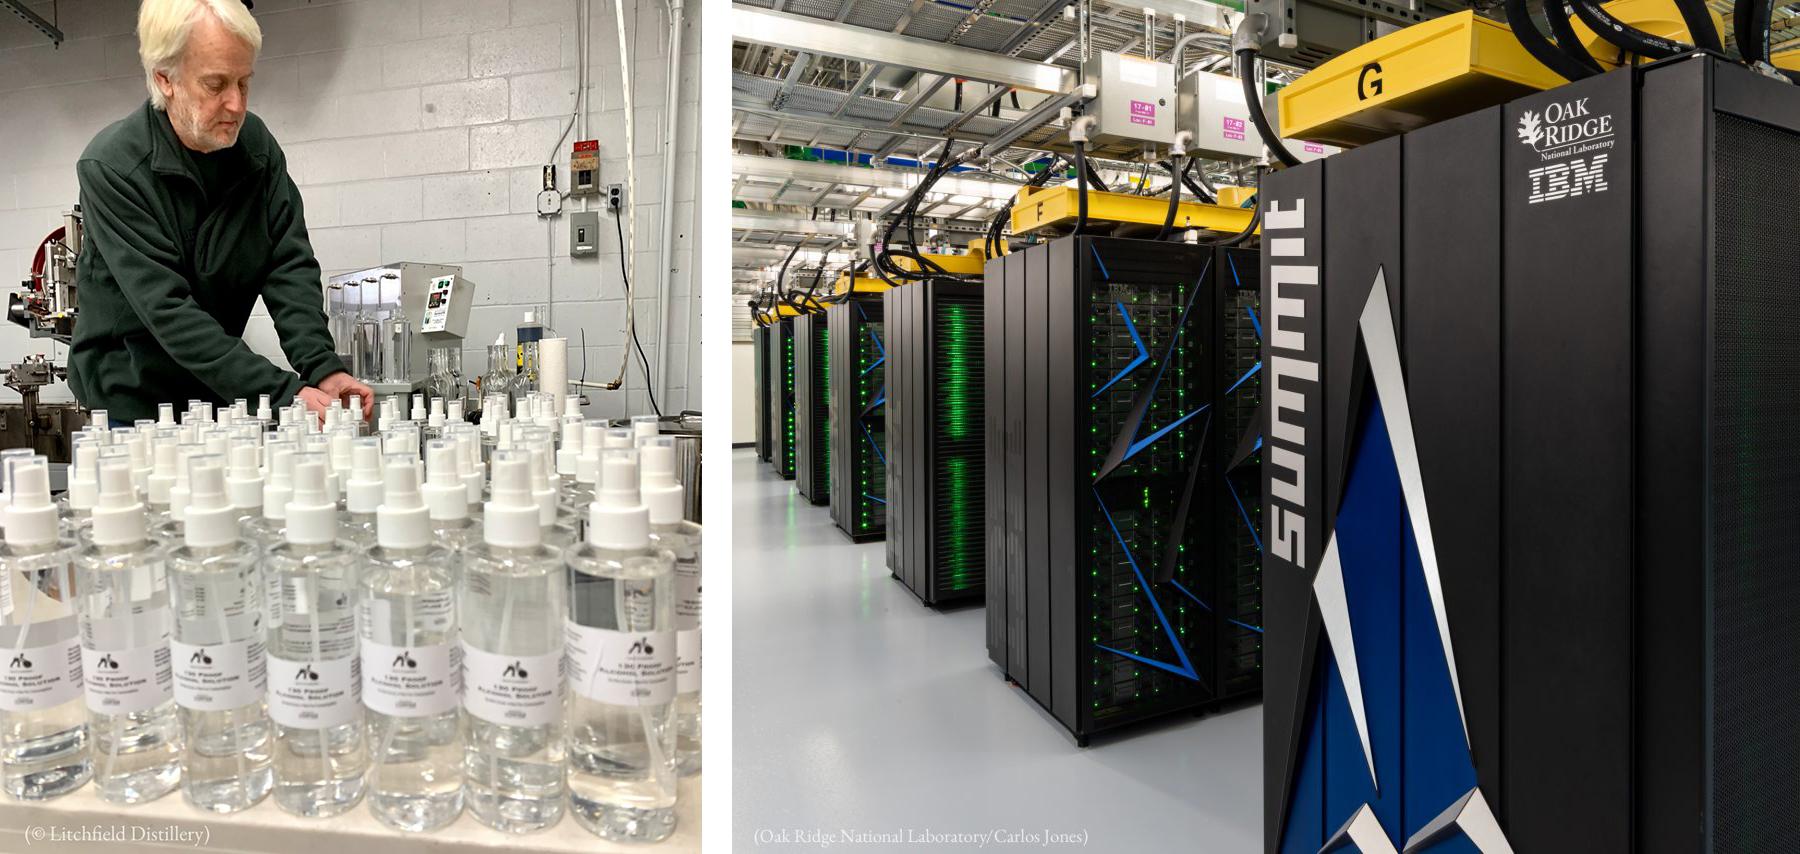 دو تصویروں کا مجموعہ جس میں ایک آدمی میز پر پڑی بوتلوں کے پاس کھڑا ہے (© Litchfield Distillery) اور دوسری تصویر میں کمپیوٹر نیٹ ورک سرورز کا کمرہ دکھائی دے رہا ہے۔ (Oak Ridge National Laboratory/Carlos Jones)